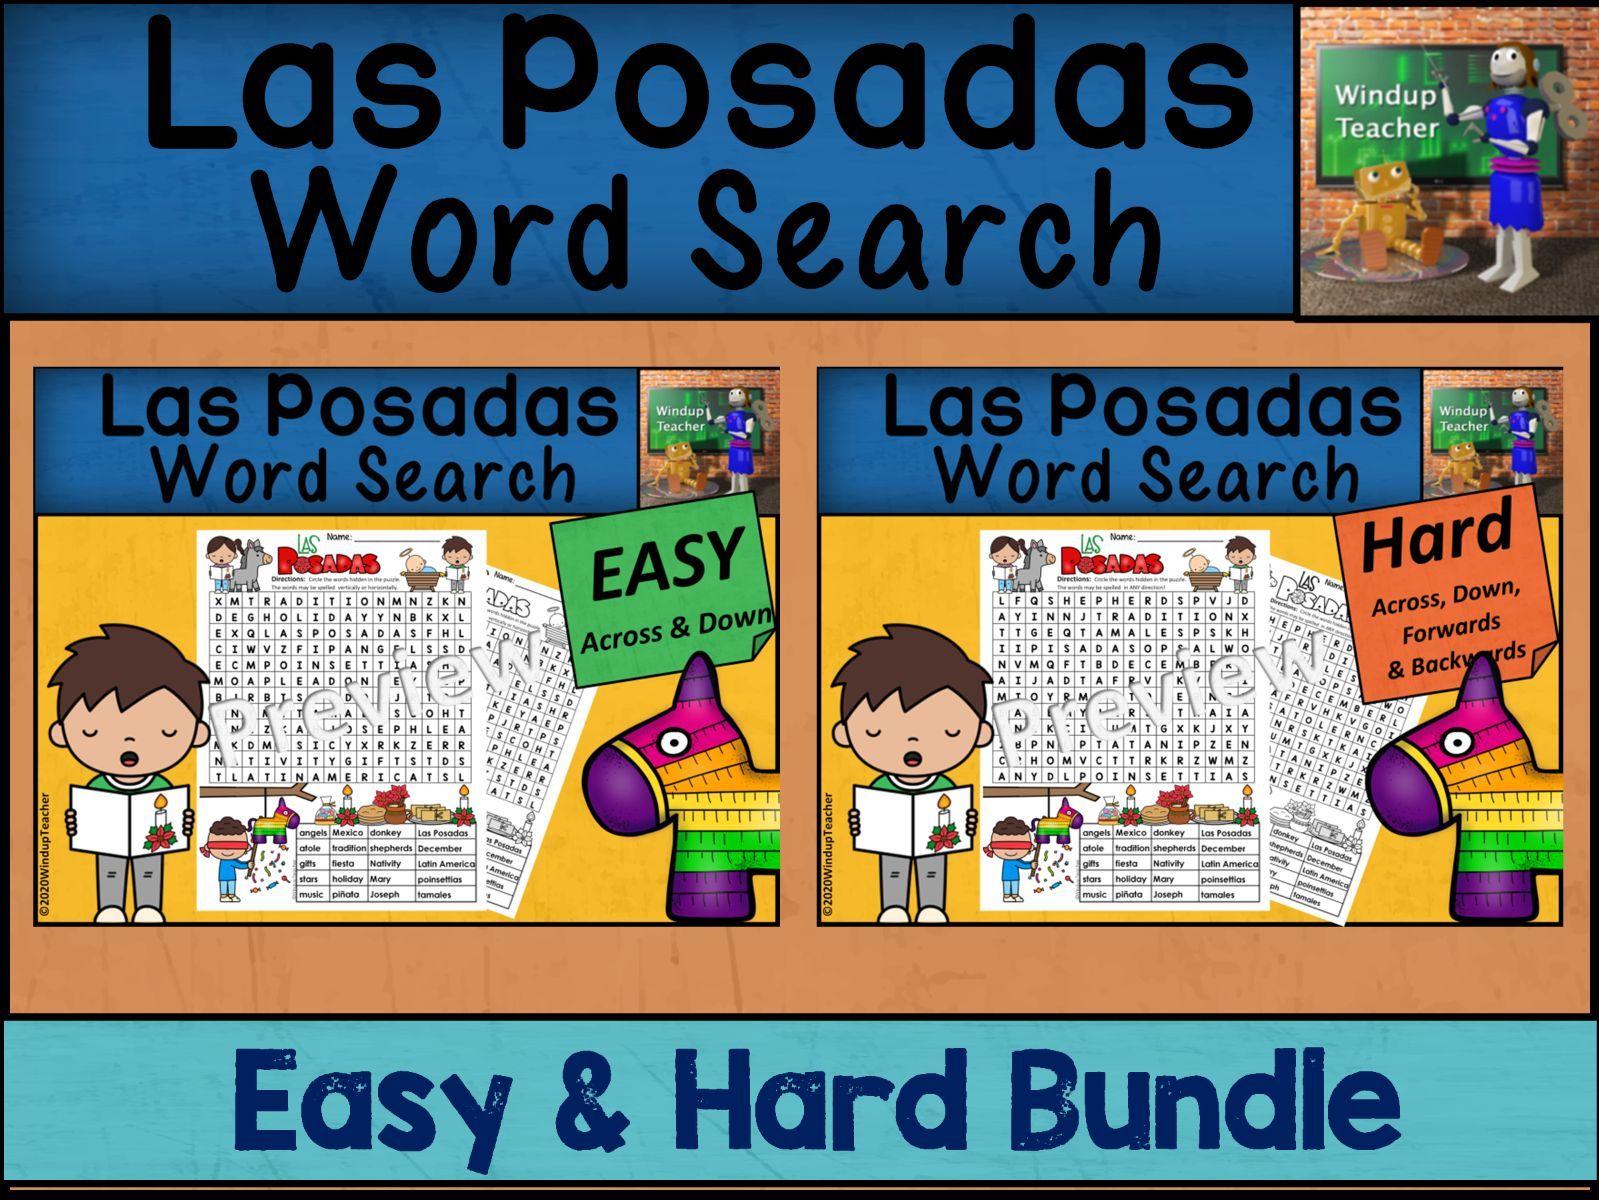 Las Posadas Word Search BUNDLE - Easy and Hard Bundle